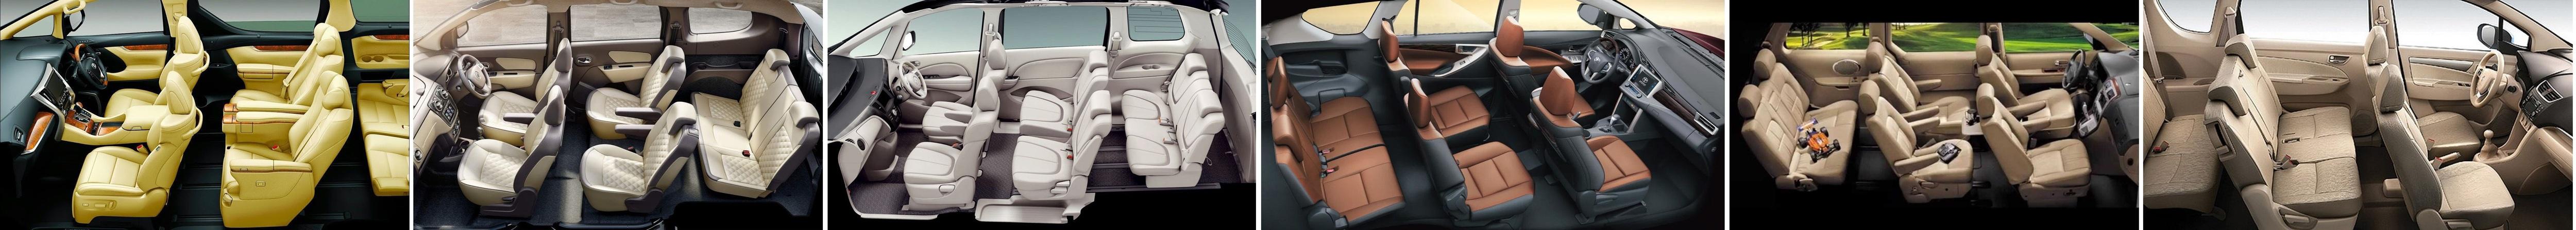 Mitsubishi Xpander chính thức vượt mặt Toyota Innova - 1